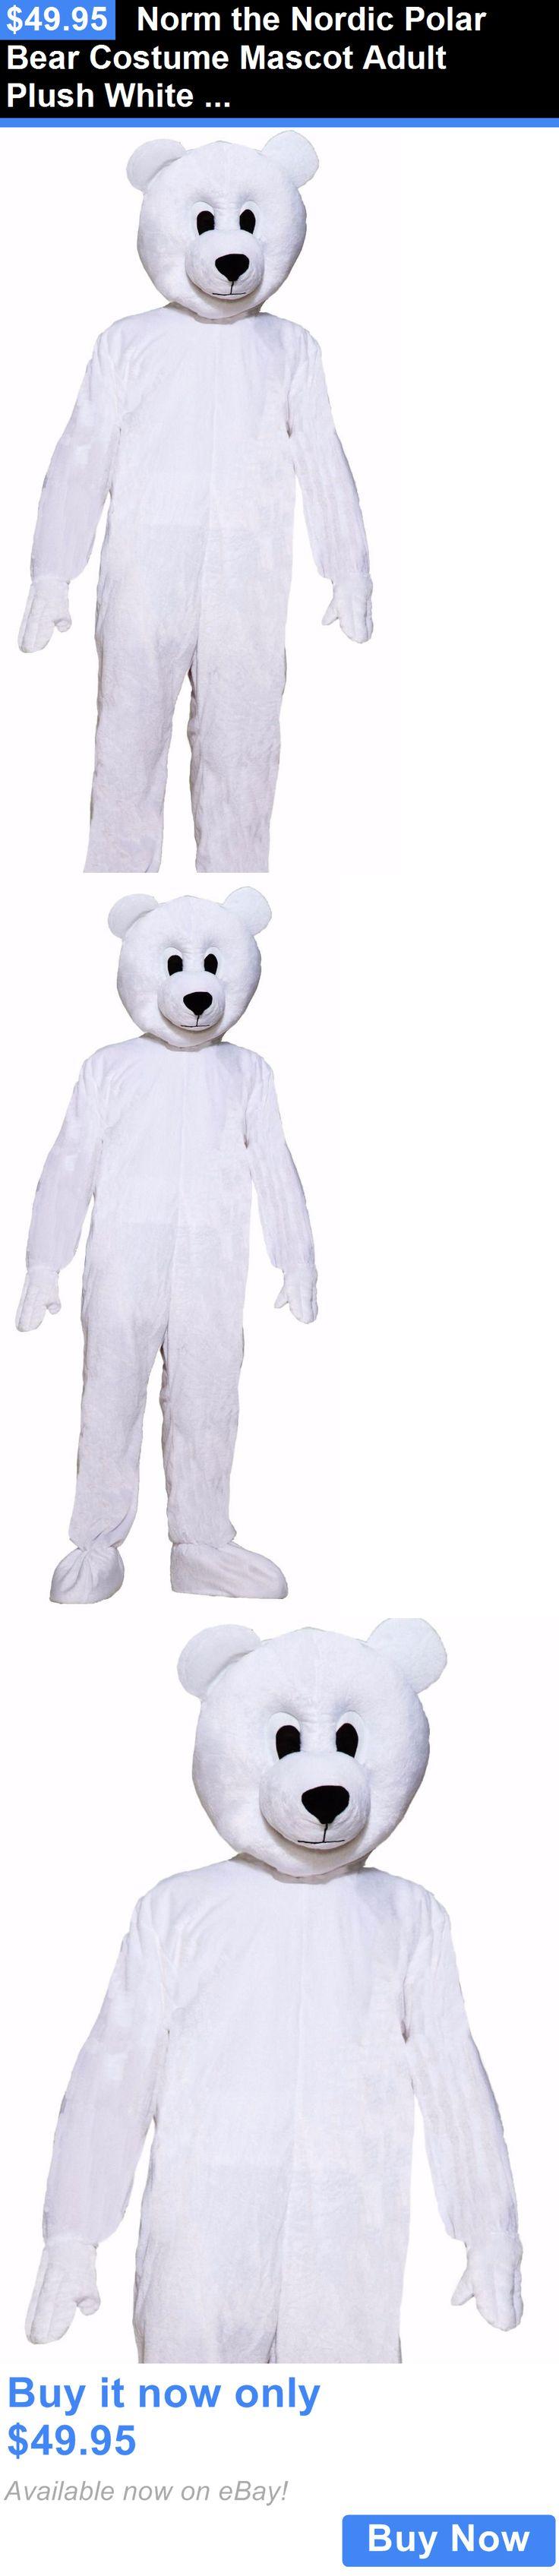 Vtech Care and Learn Teddy Bear | eBay